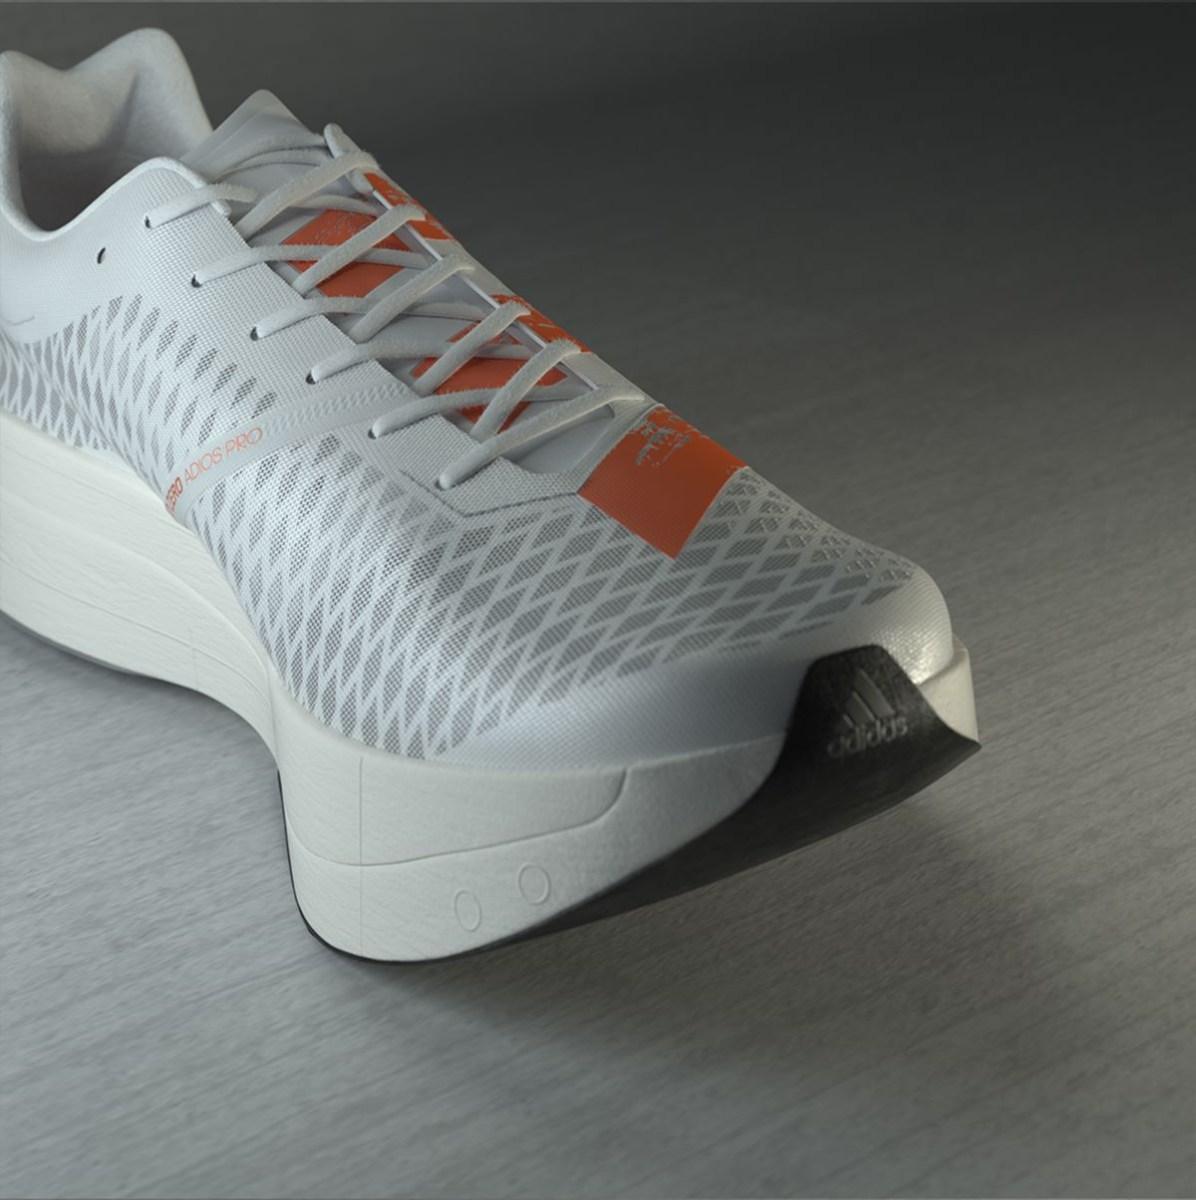 audición salario Campaña  Adidas Adizero Adios Pro Has Carbon EnergyRods and Hybrid Carbon Plate –  Sourcing Journal